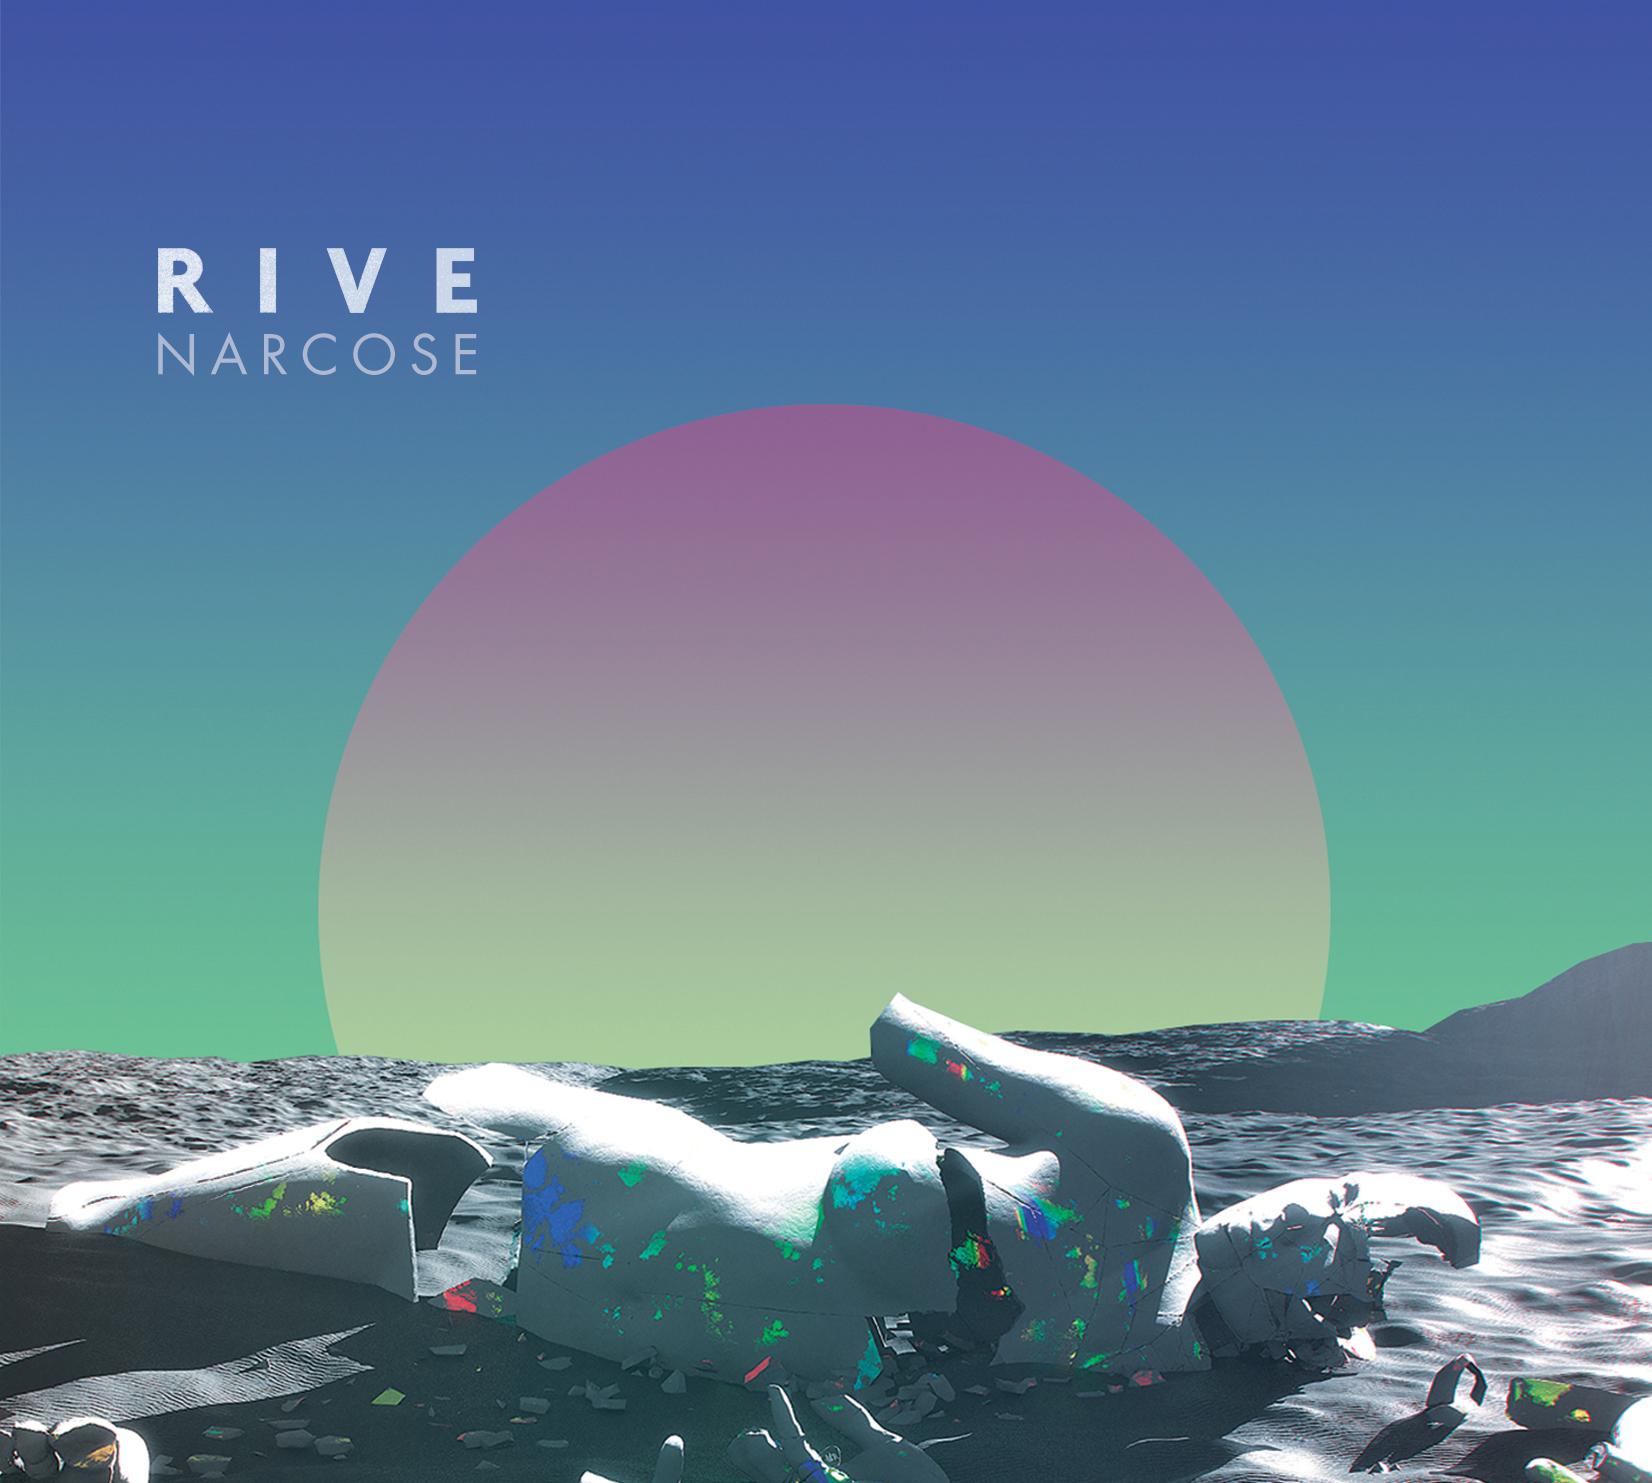 Rive narcose album artwork